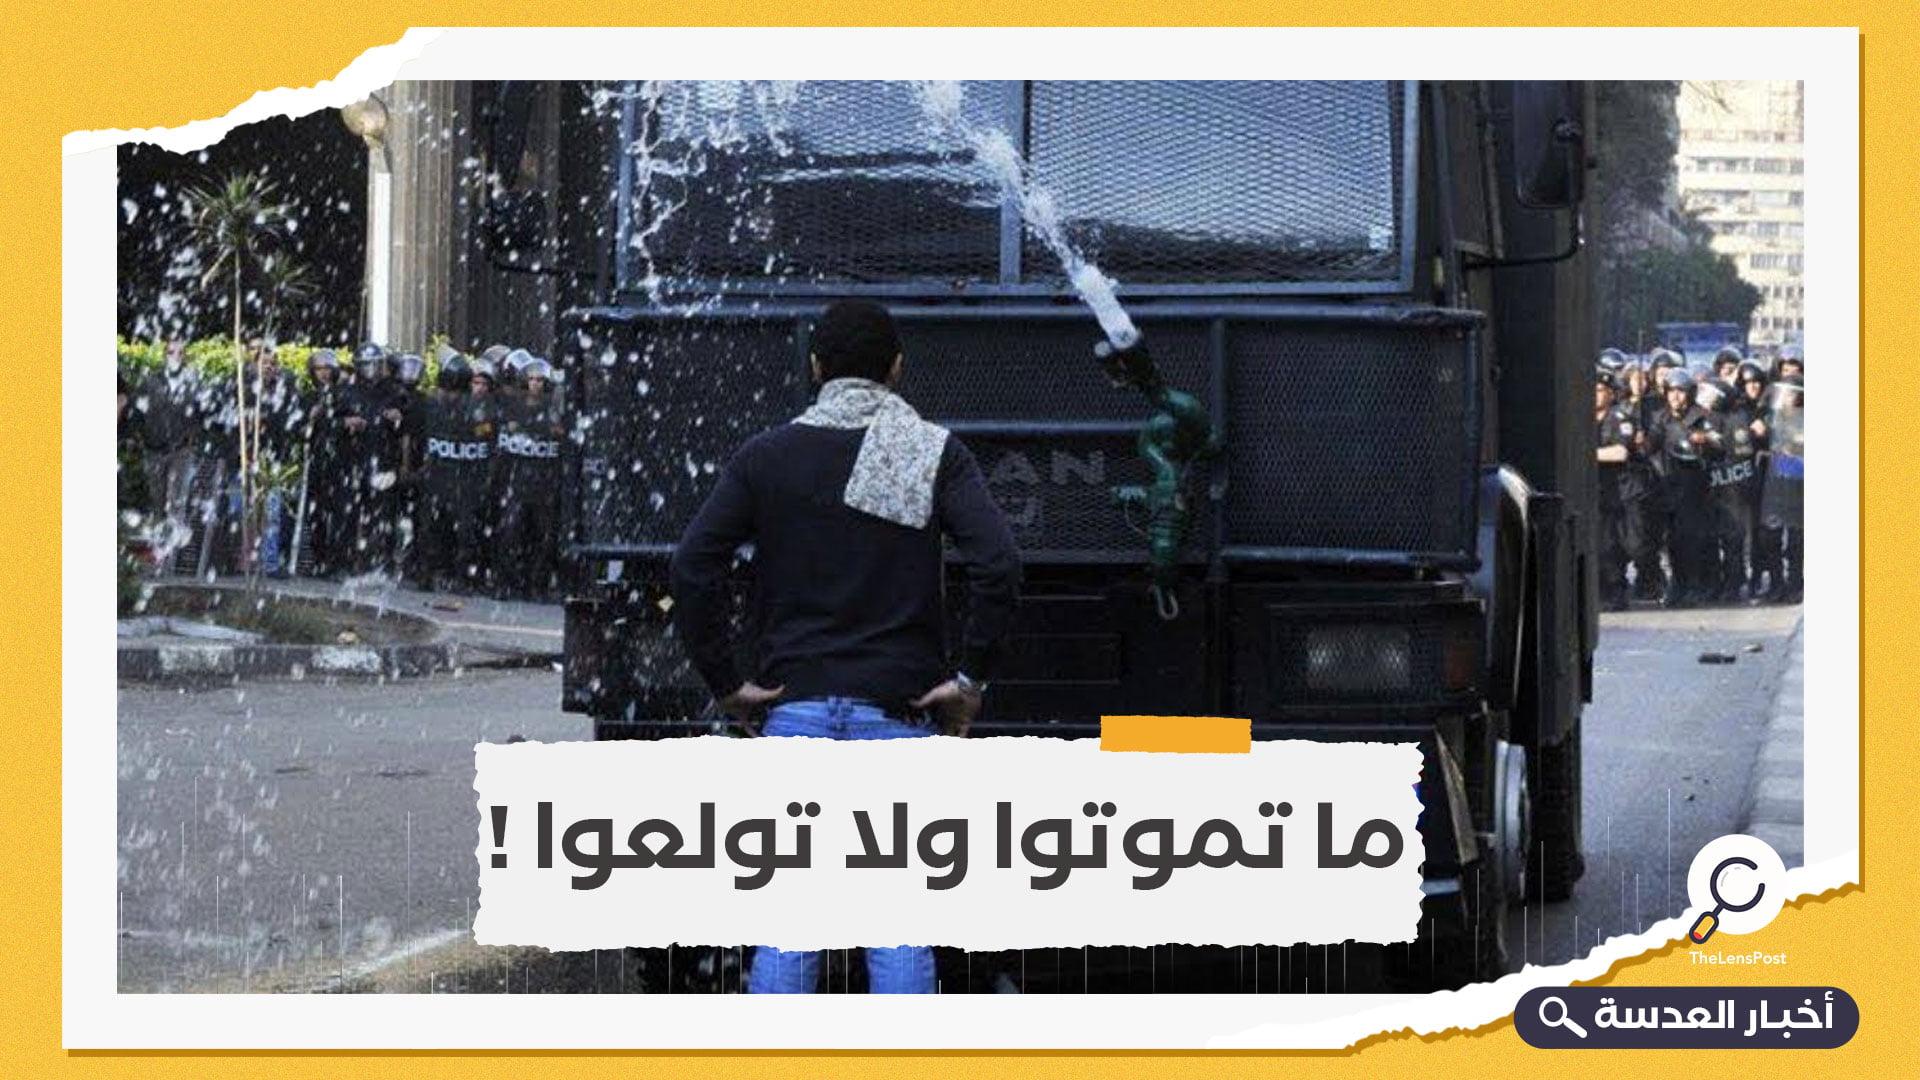 """ما تموتوا ولا تولعوا"""".. تقرير جديد لمنظمة العفو الدولية في الذكرى العاشرة لثورة يناير"""""""